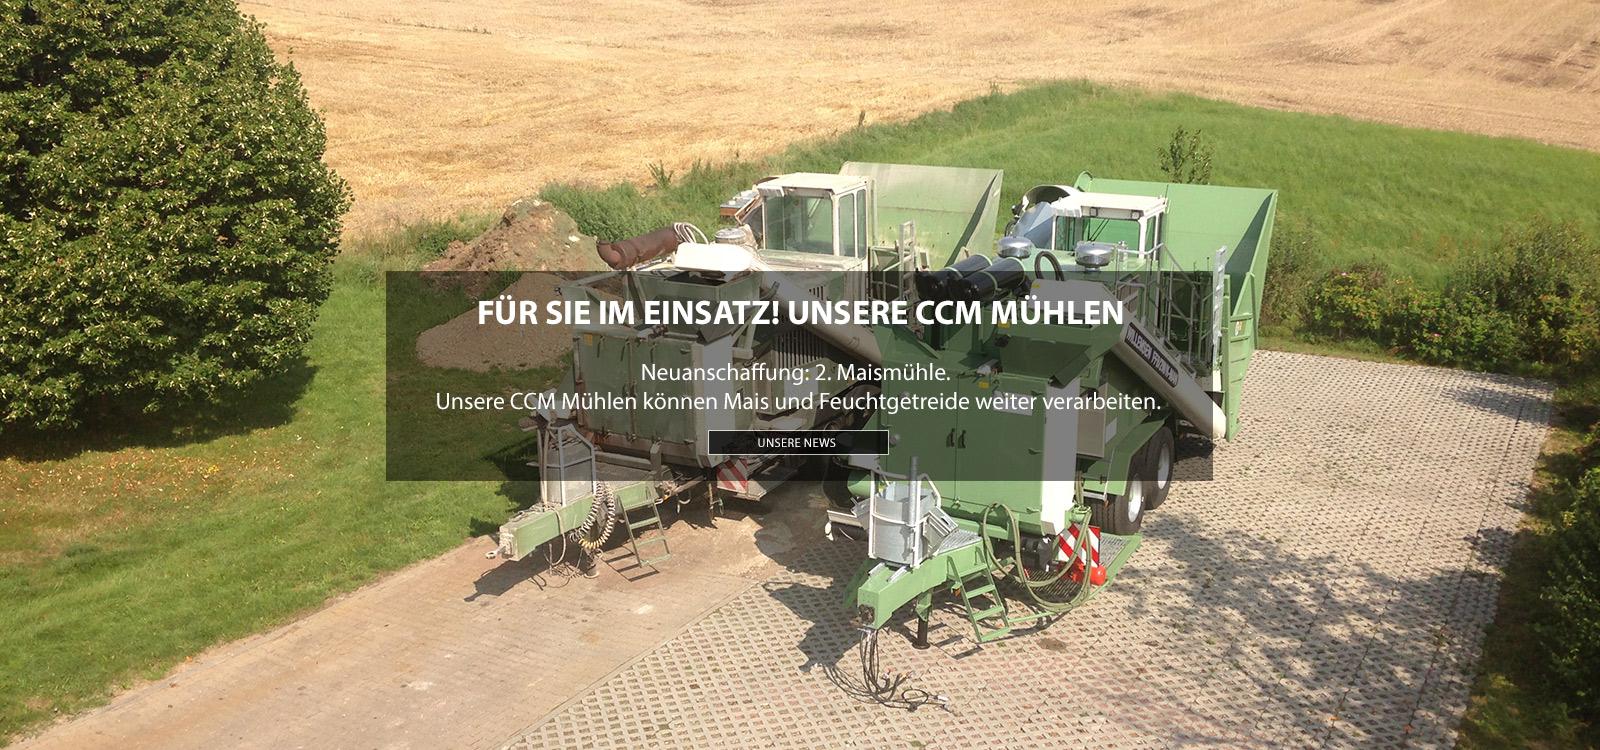 Mahl- und Mischdienst R. & M. Voigt, News CCM Mühle